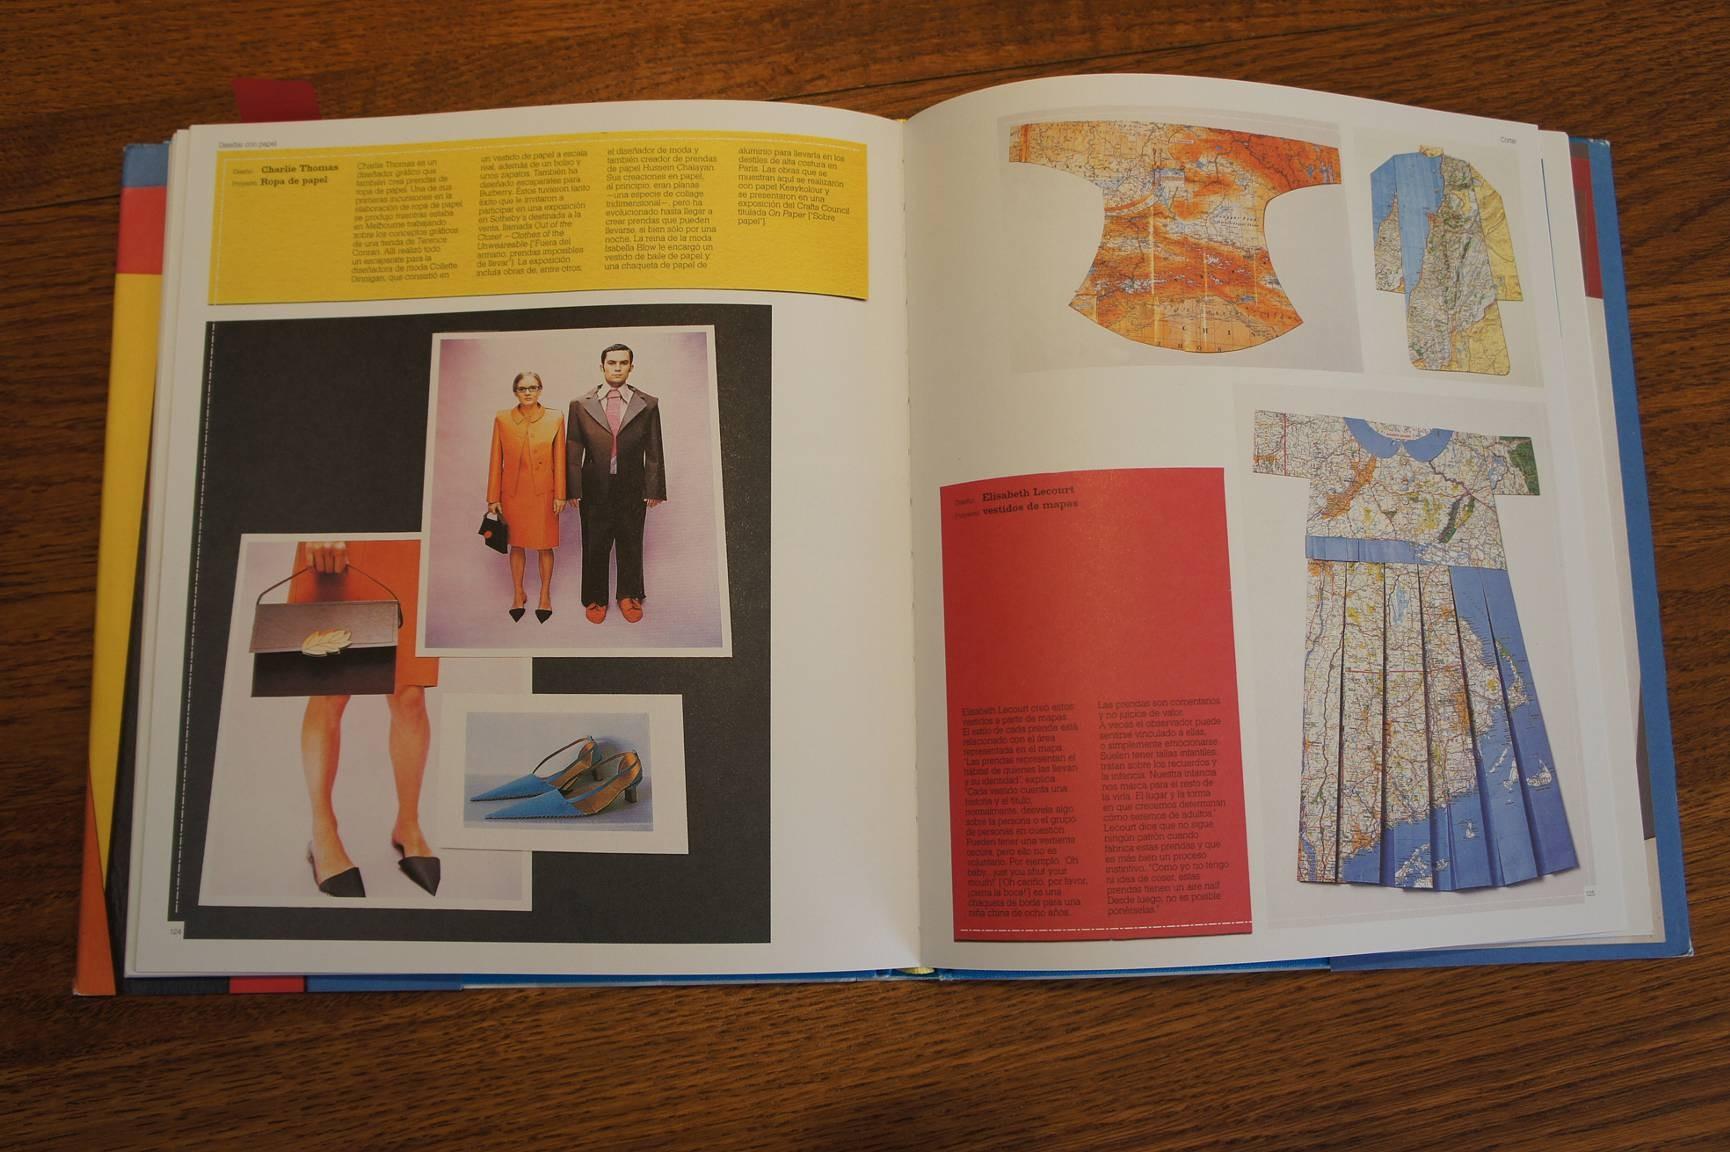 Papercraft World Das Analoge Nähert Sich Dem Grafischen Design An · Lomography